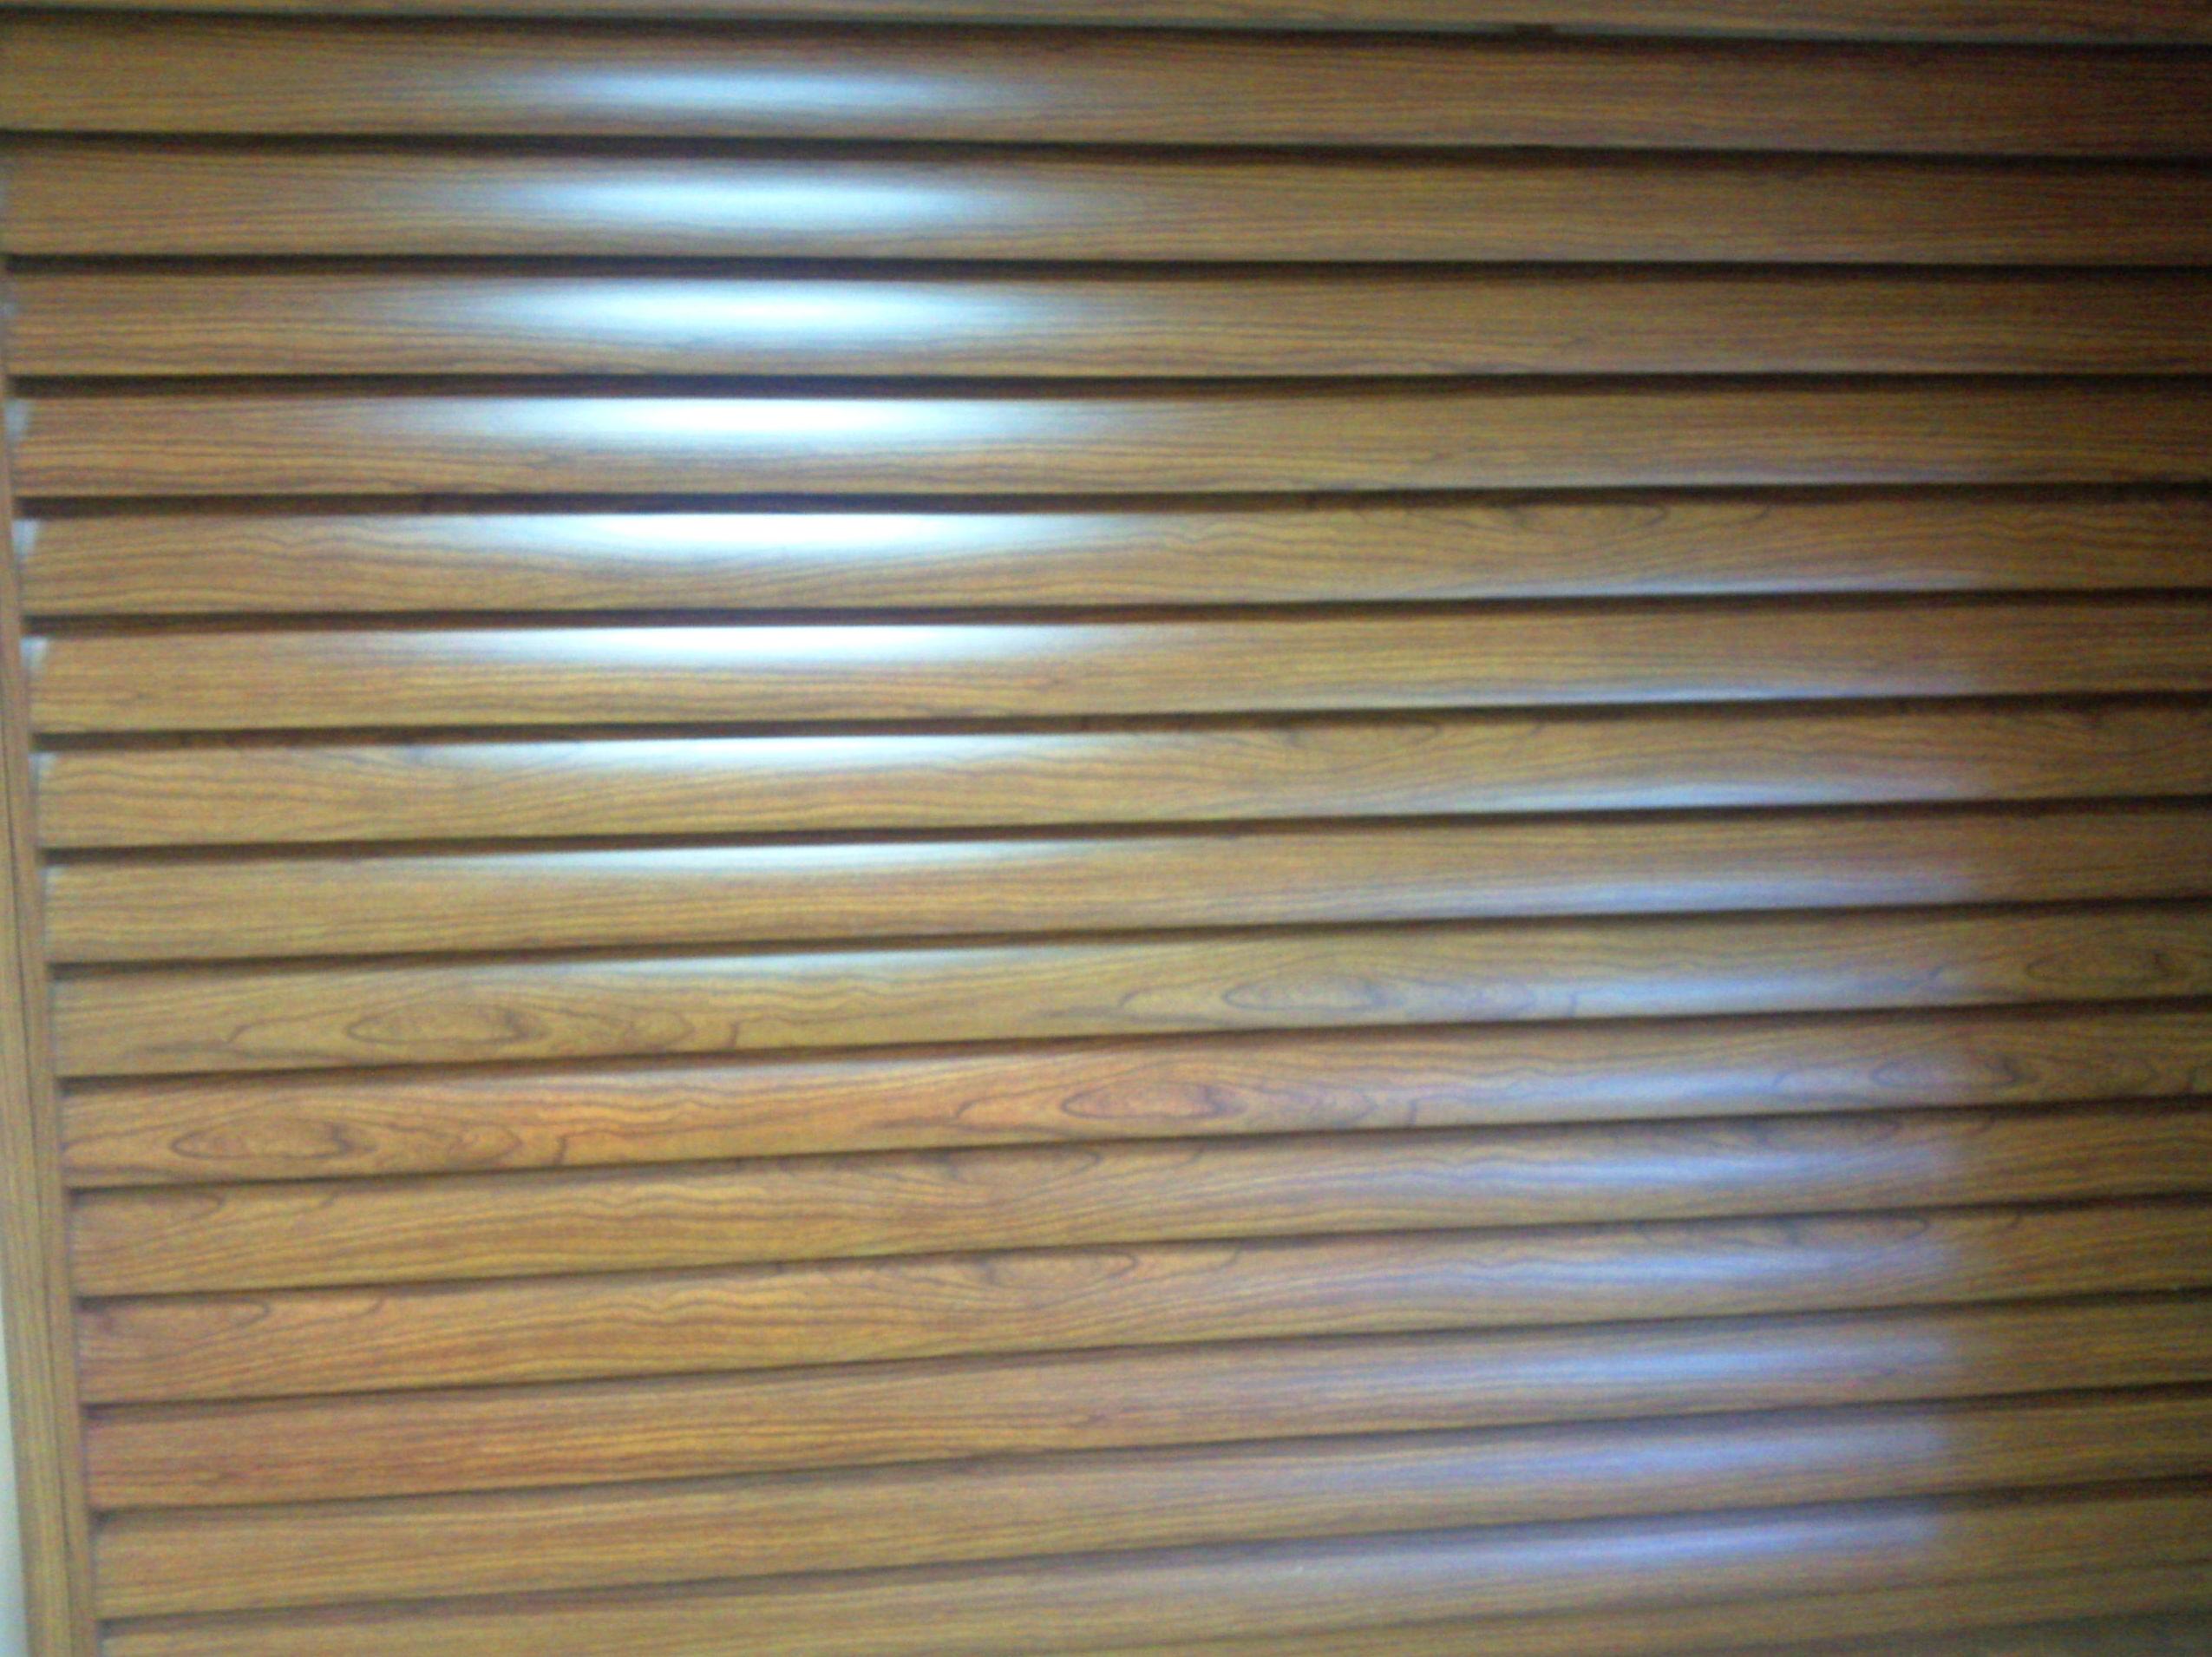 Puerta de aluminio lama ovalada grande vierte aguas imitación madera